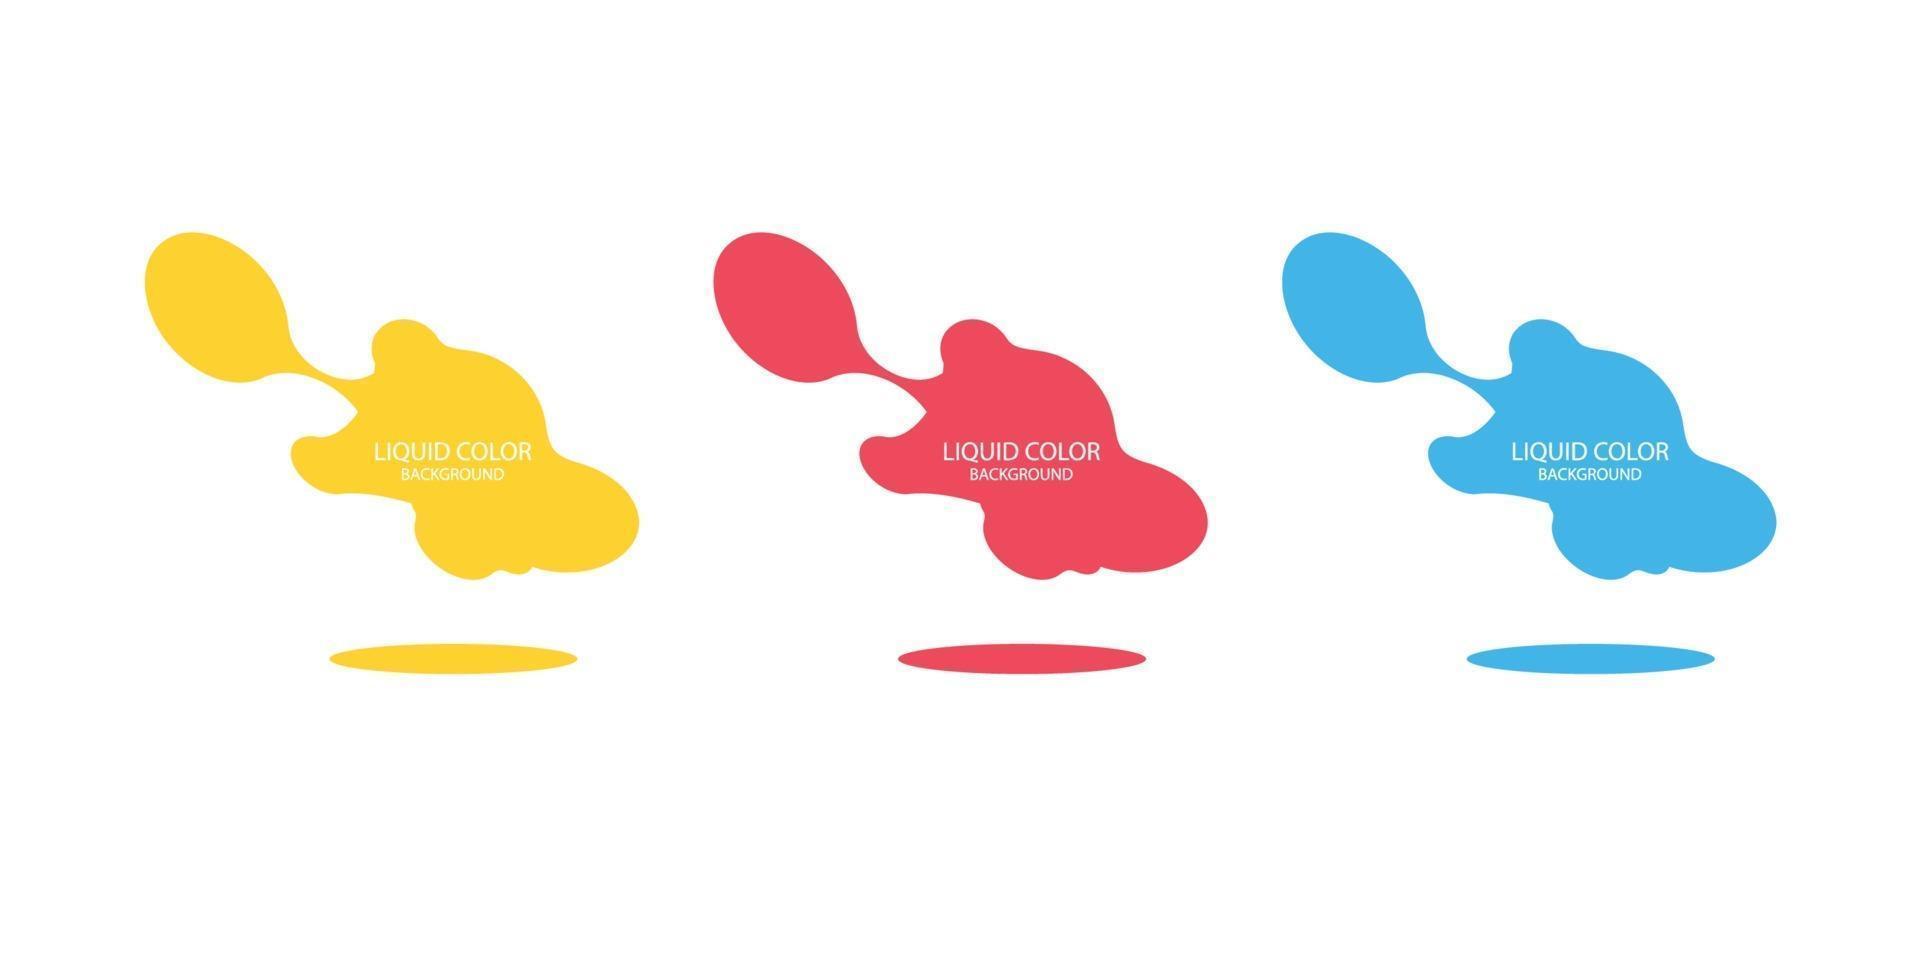 moderner abstrakter Vektorfahnensatz. flache geometrische flüssige Form mit verschiedenen Farben. moderne Vektorschablone, Schablone für die Gestaltung eines Logos, Flyers oder einer Präsentation. abstrakte geometrische Formen vektor